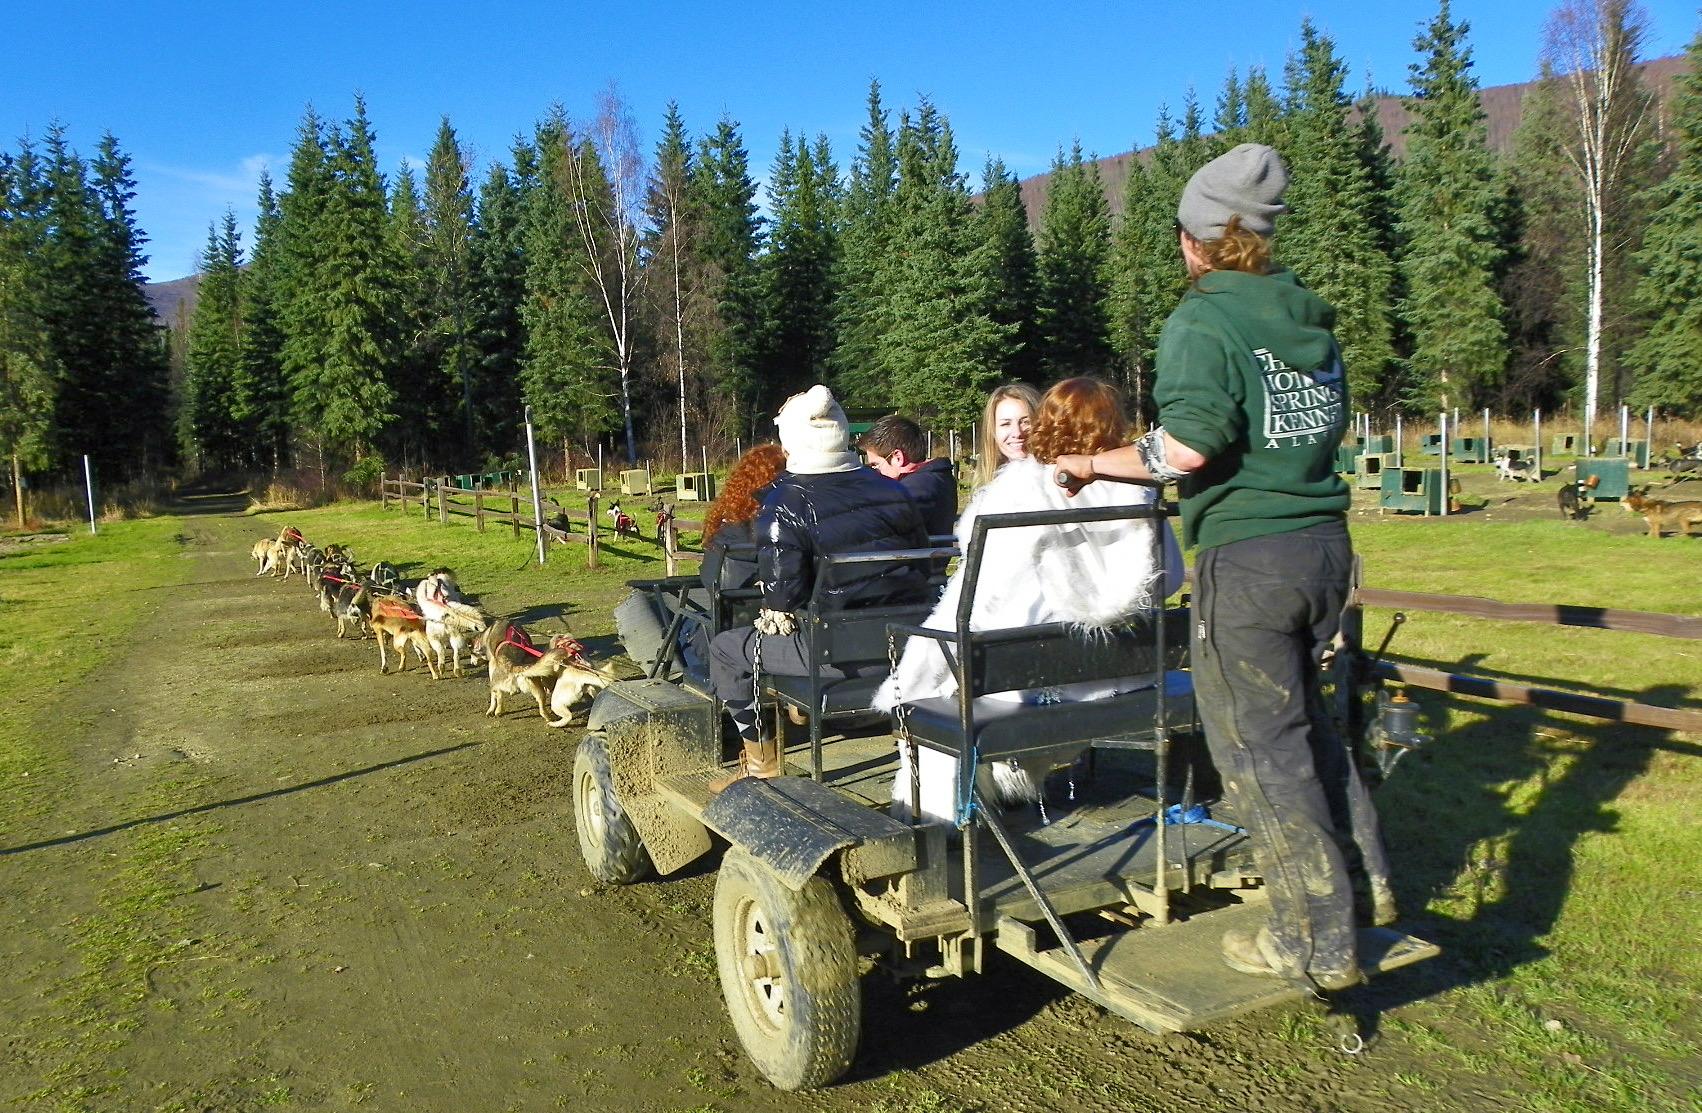 狗拉车 - 阿拉斯加特有的夏日活动!约15 分钟- $60 /每人最少2 人方可成行参观养狗场英文解说驯养雪橇狗之种种细节。约40 分钟 - $20每人